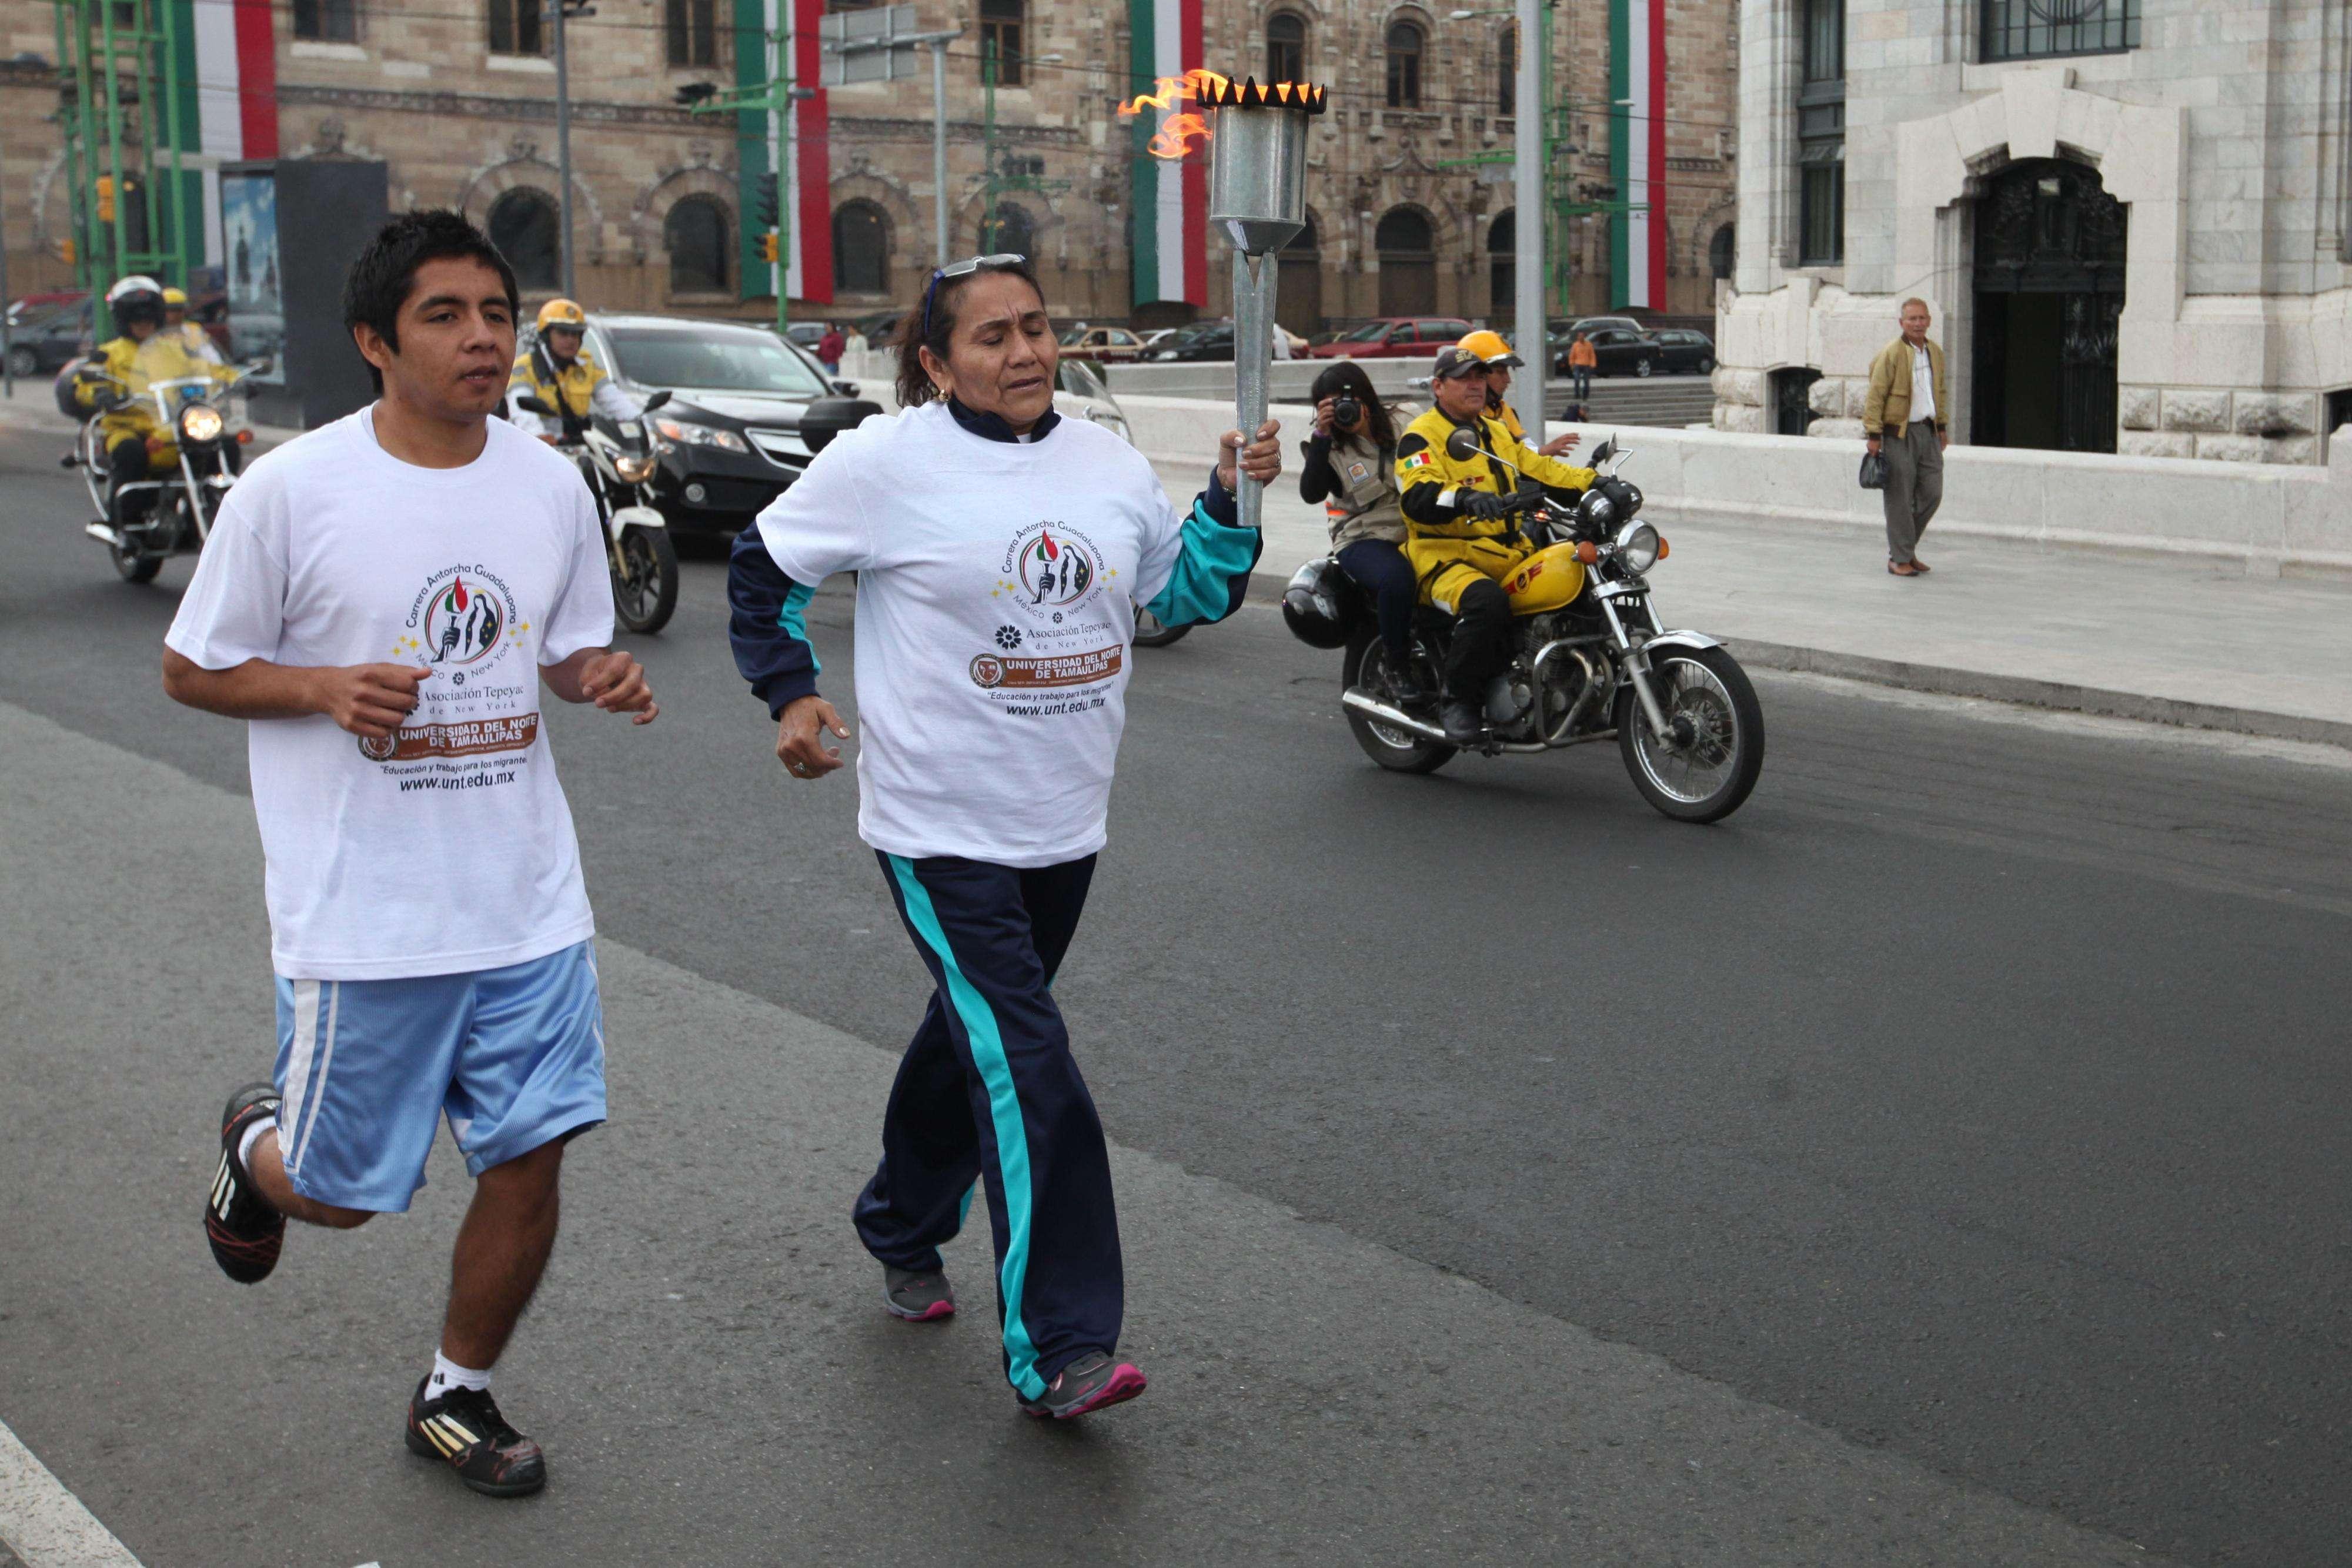 Cerca de 50 corredores arrancaron junto con 6 autobuses la carrera de Antorcha Guadalupana con rumbo a la Catedral de San Patricio en la ciudad de Nueva York Foto: Terra